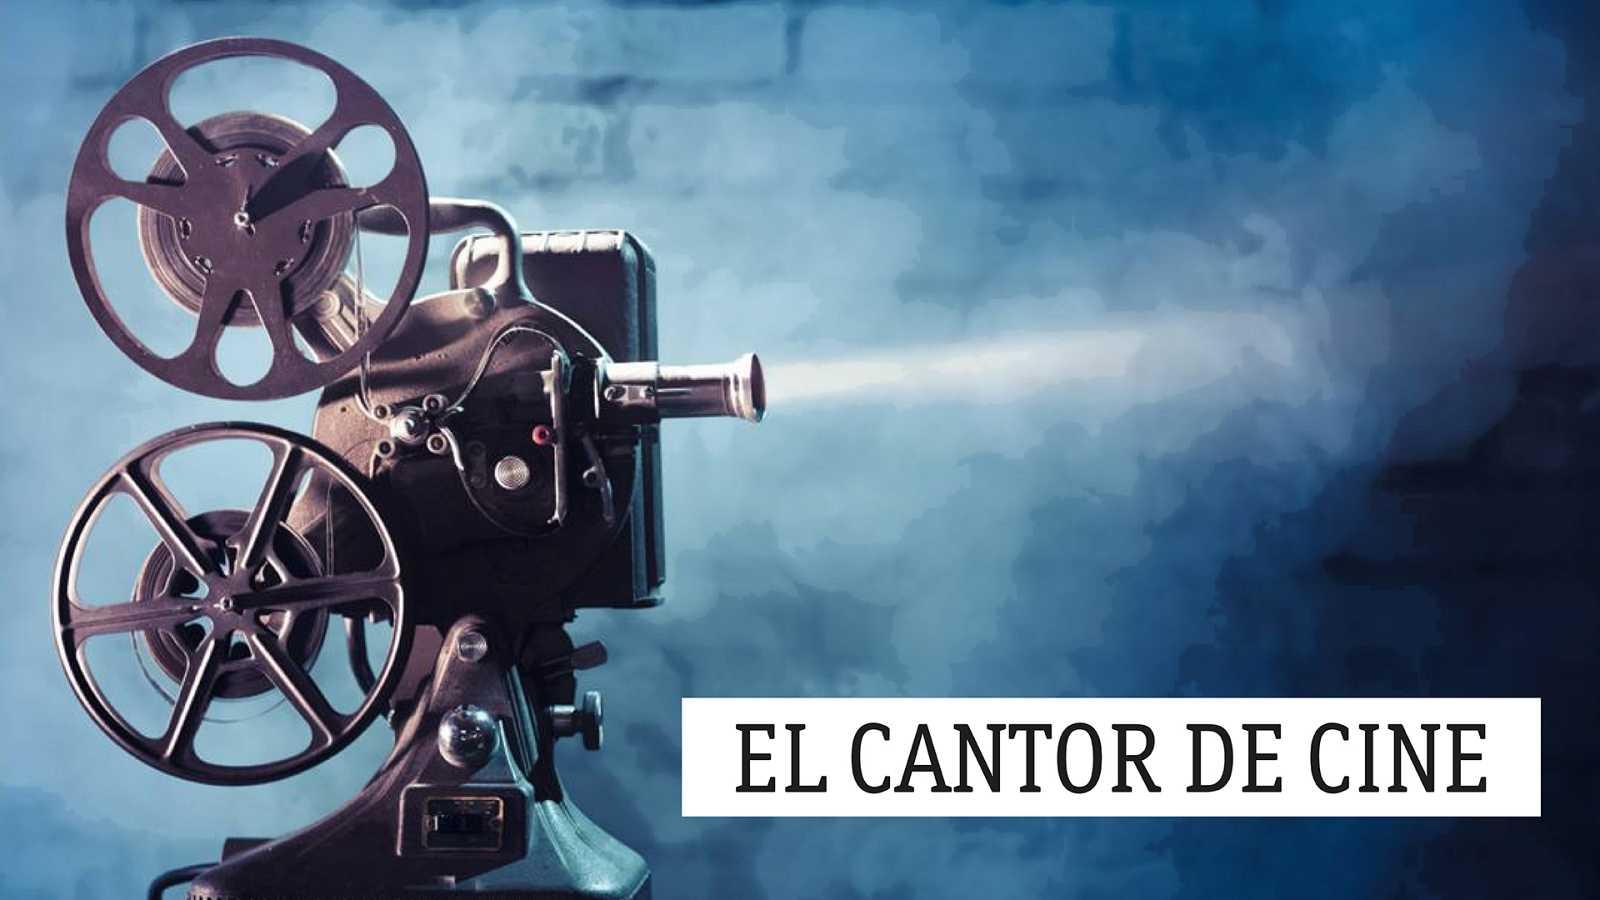 """El cantor de cine - ...Y músicos/grupos de Pop patrios, componiendo """"Músicas de Cine Imaginadas"""" - 08/03/21 - escuchar ahora"""